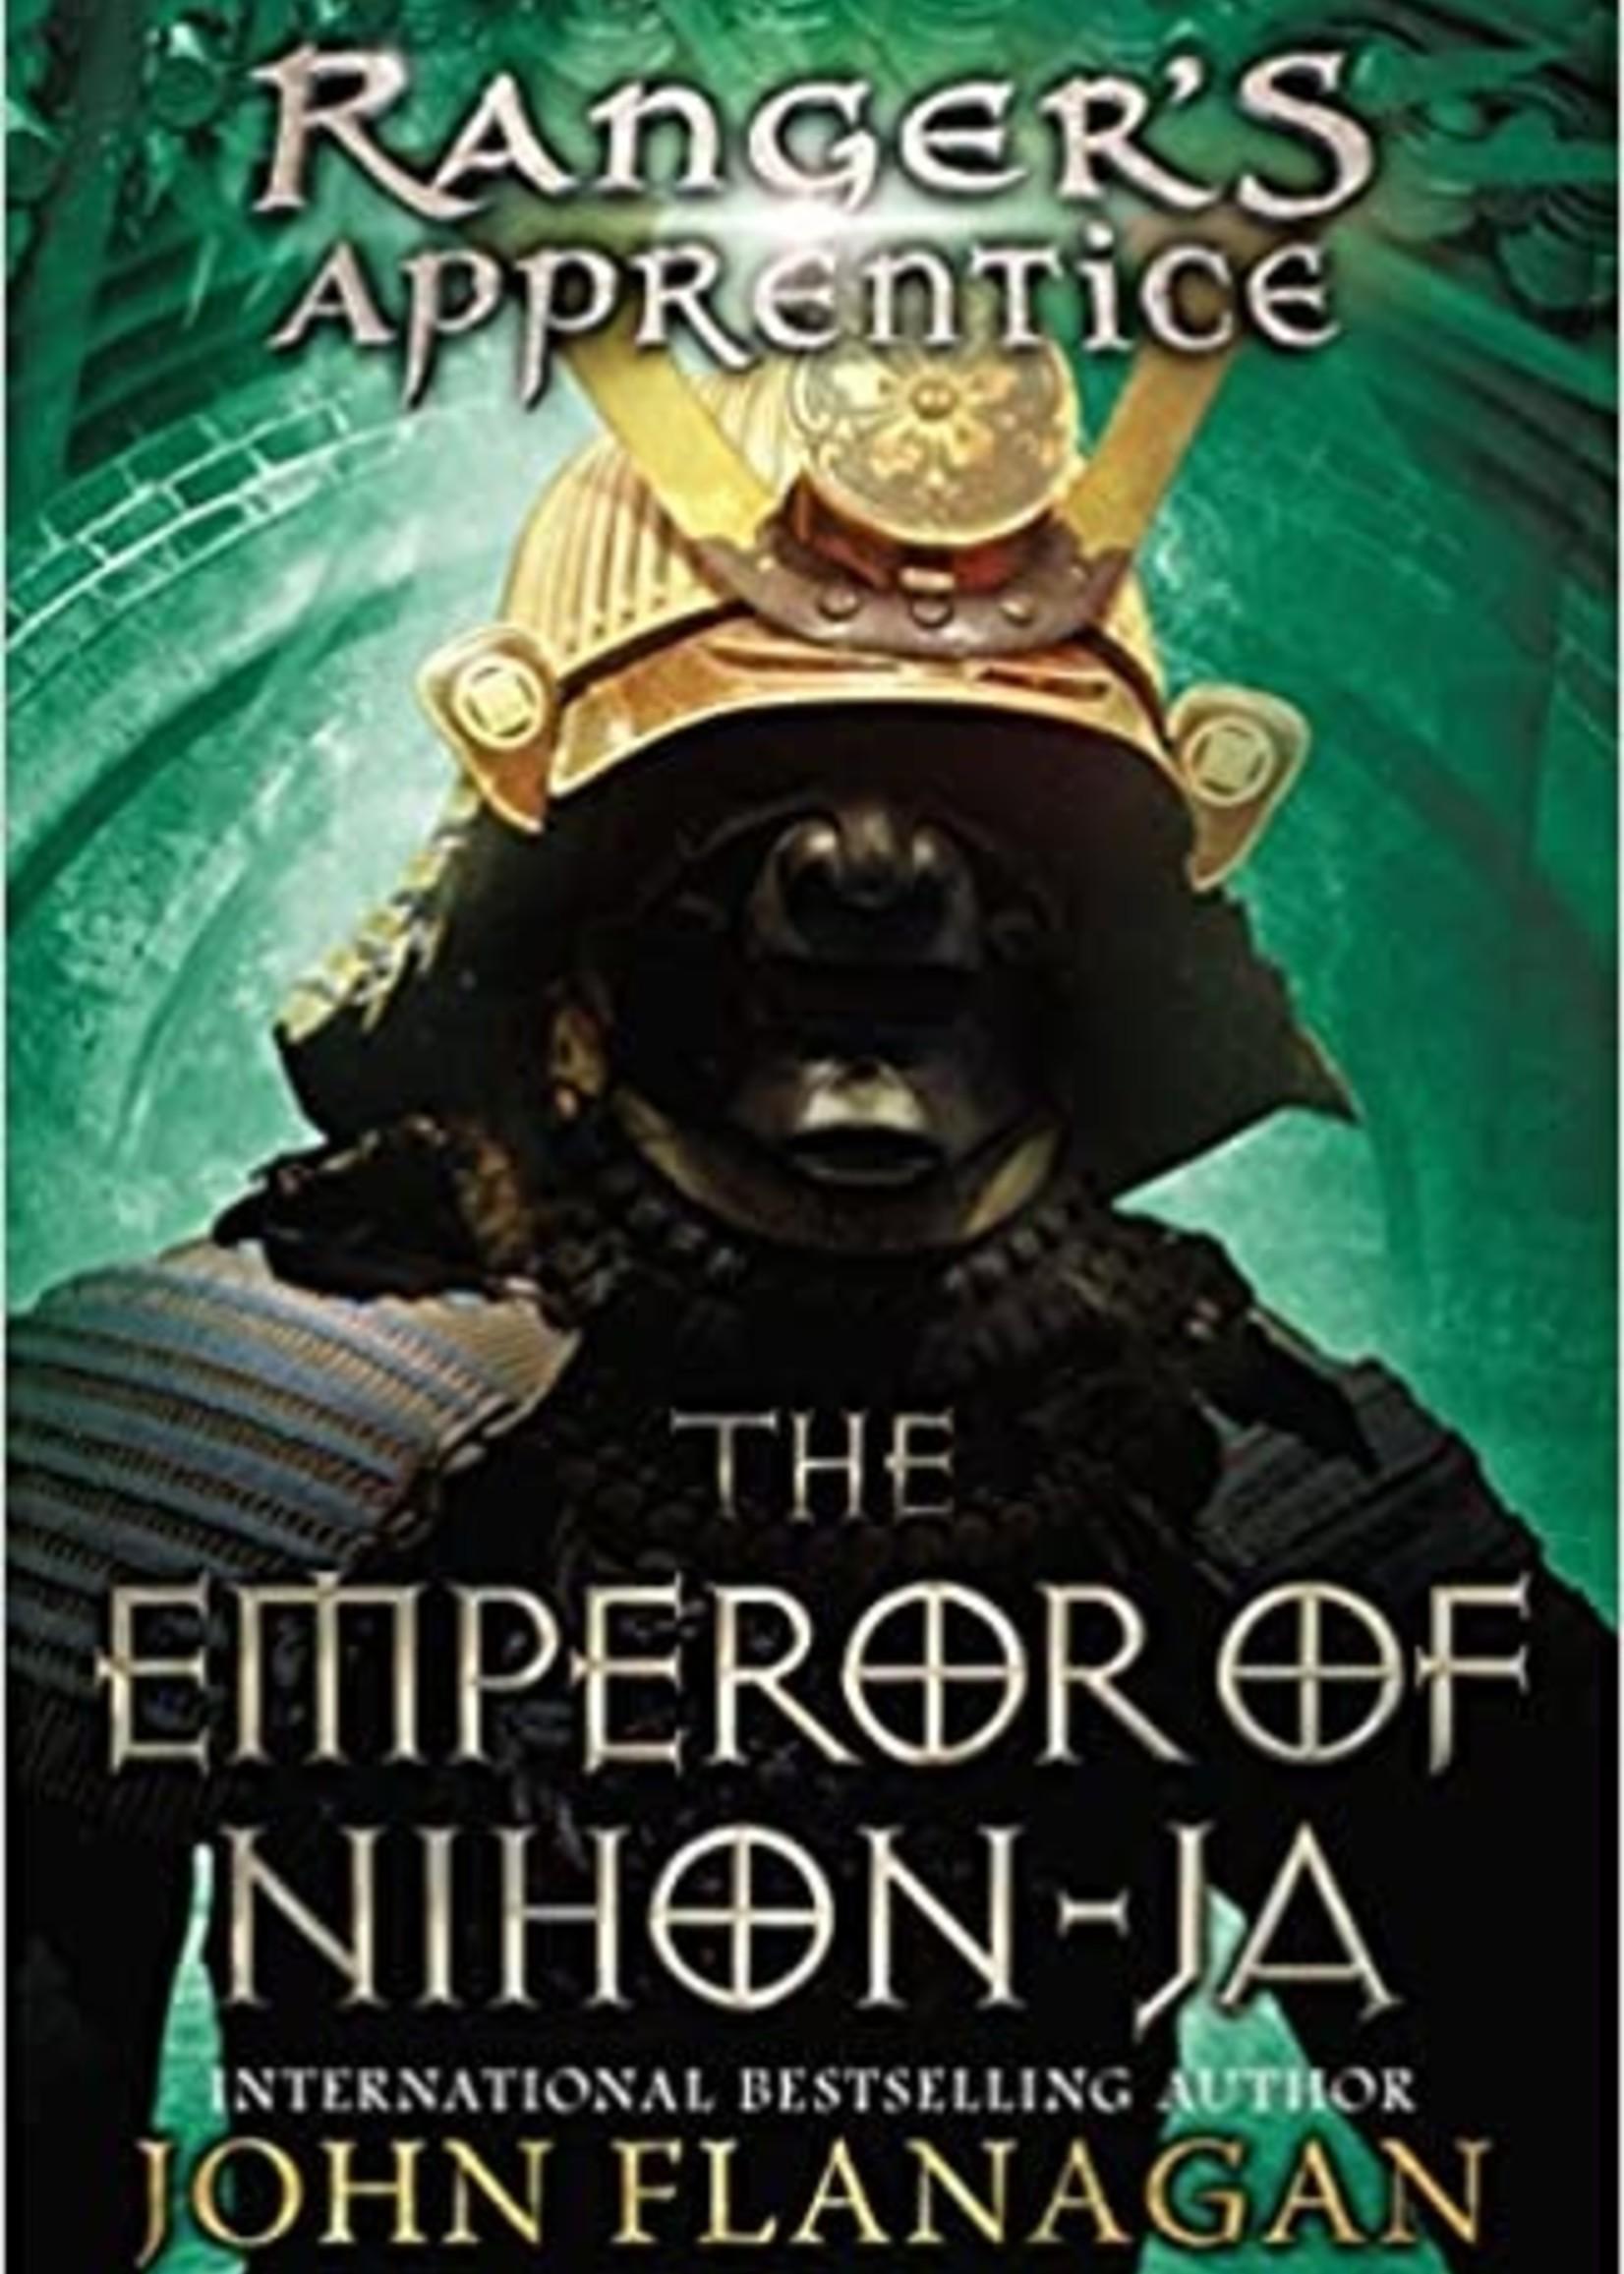 Ranger's Apprentice #10, The Emperor of Nihon-Ja - Paperback